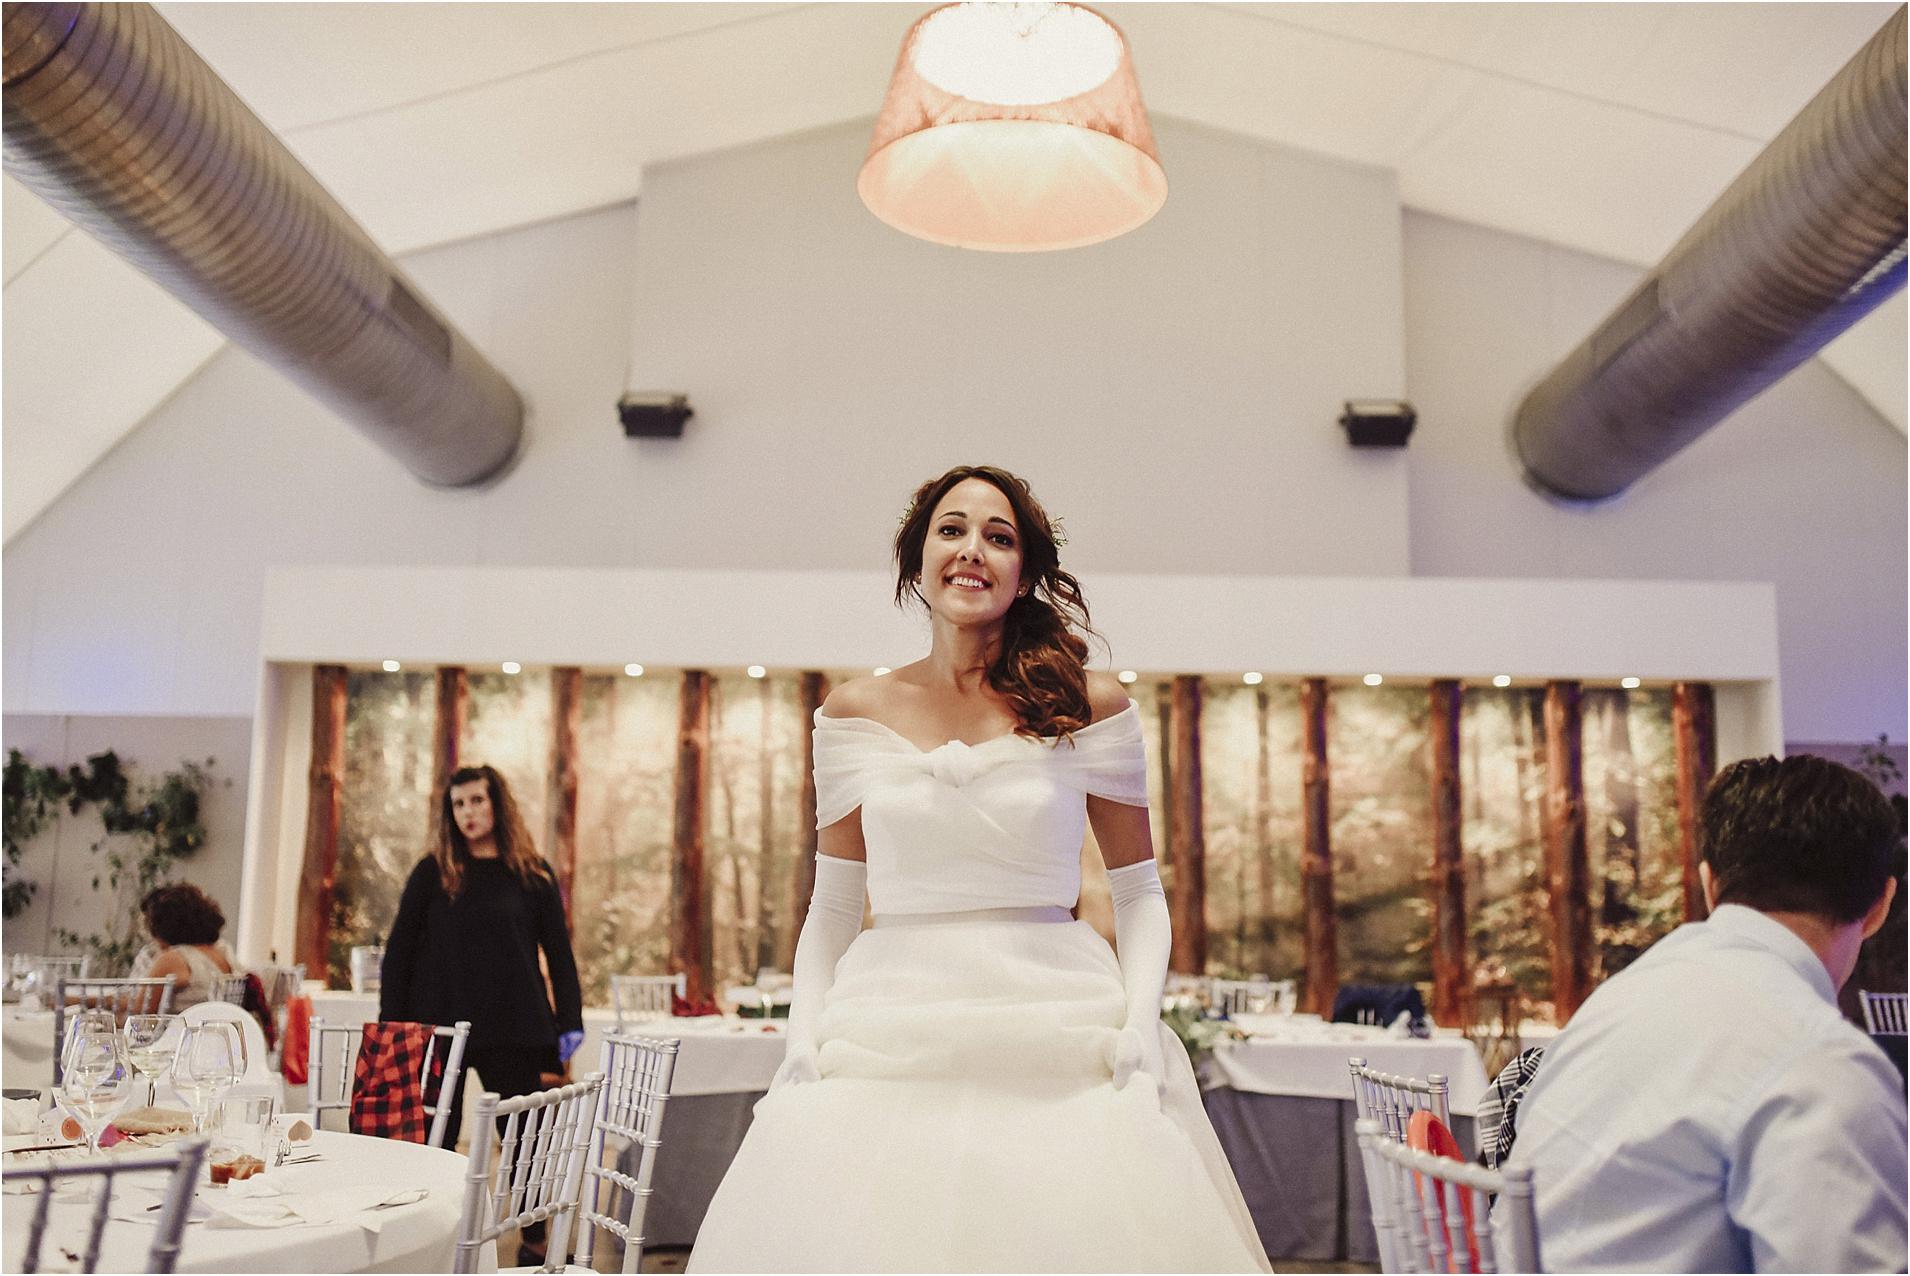 Fotografos-de-boda-donostia-zaragoza-san-sebastian-destination-wedding-photographer-101.jpg